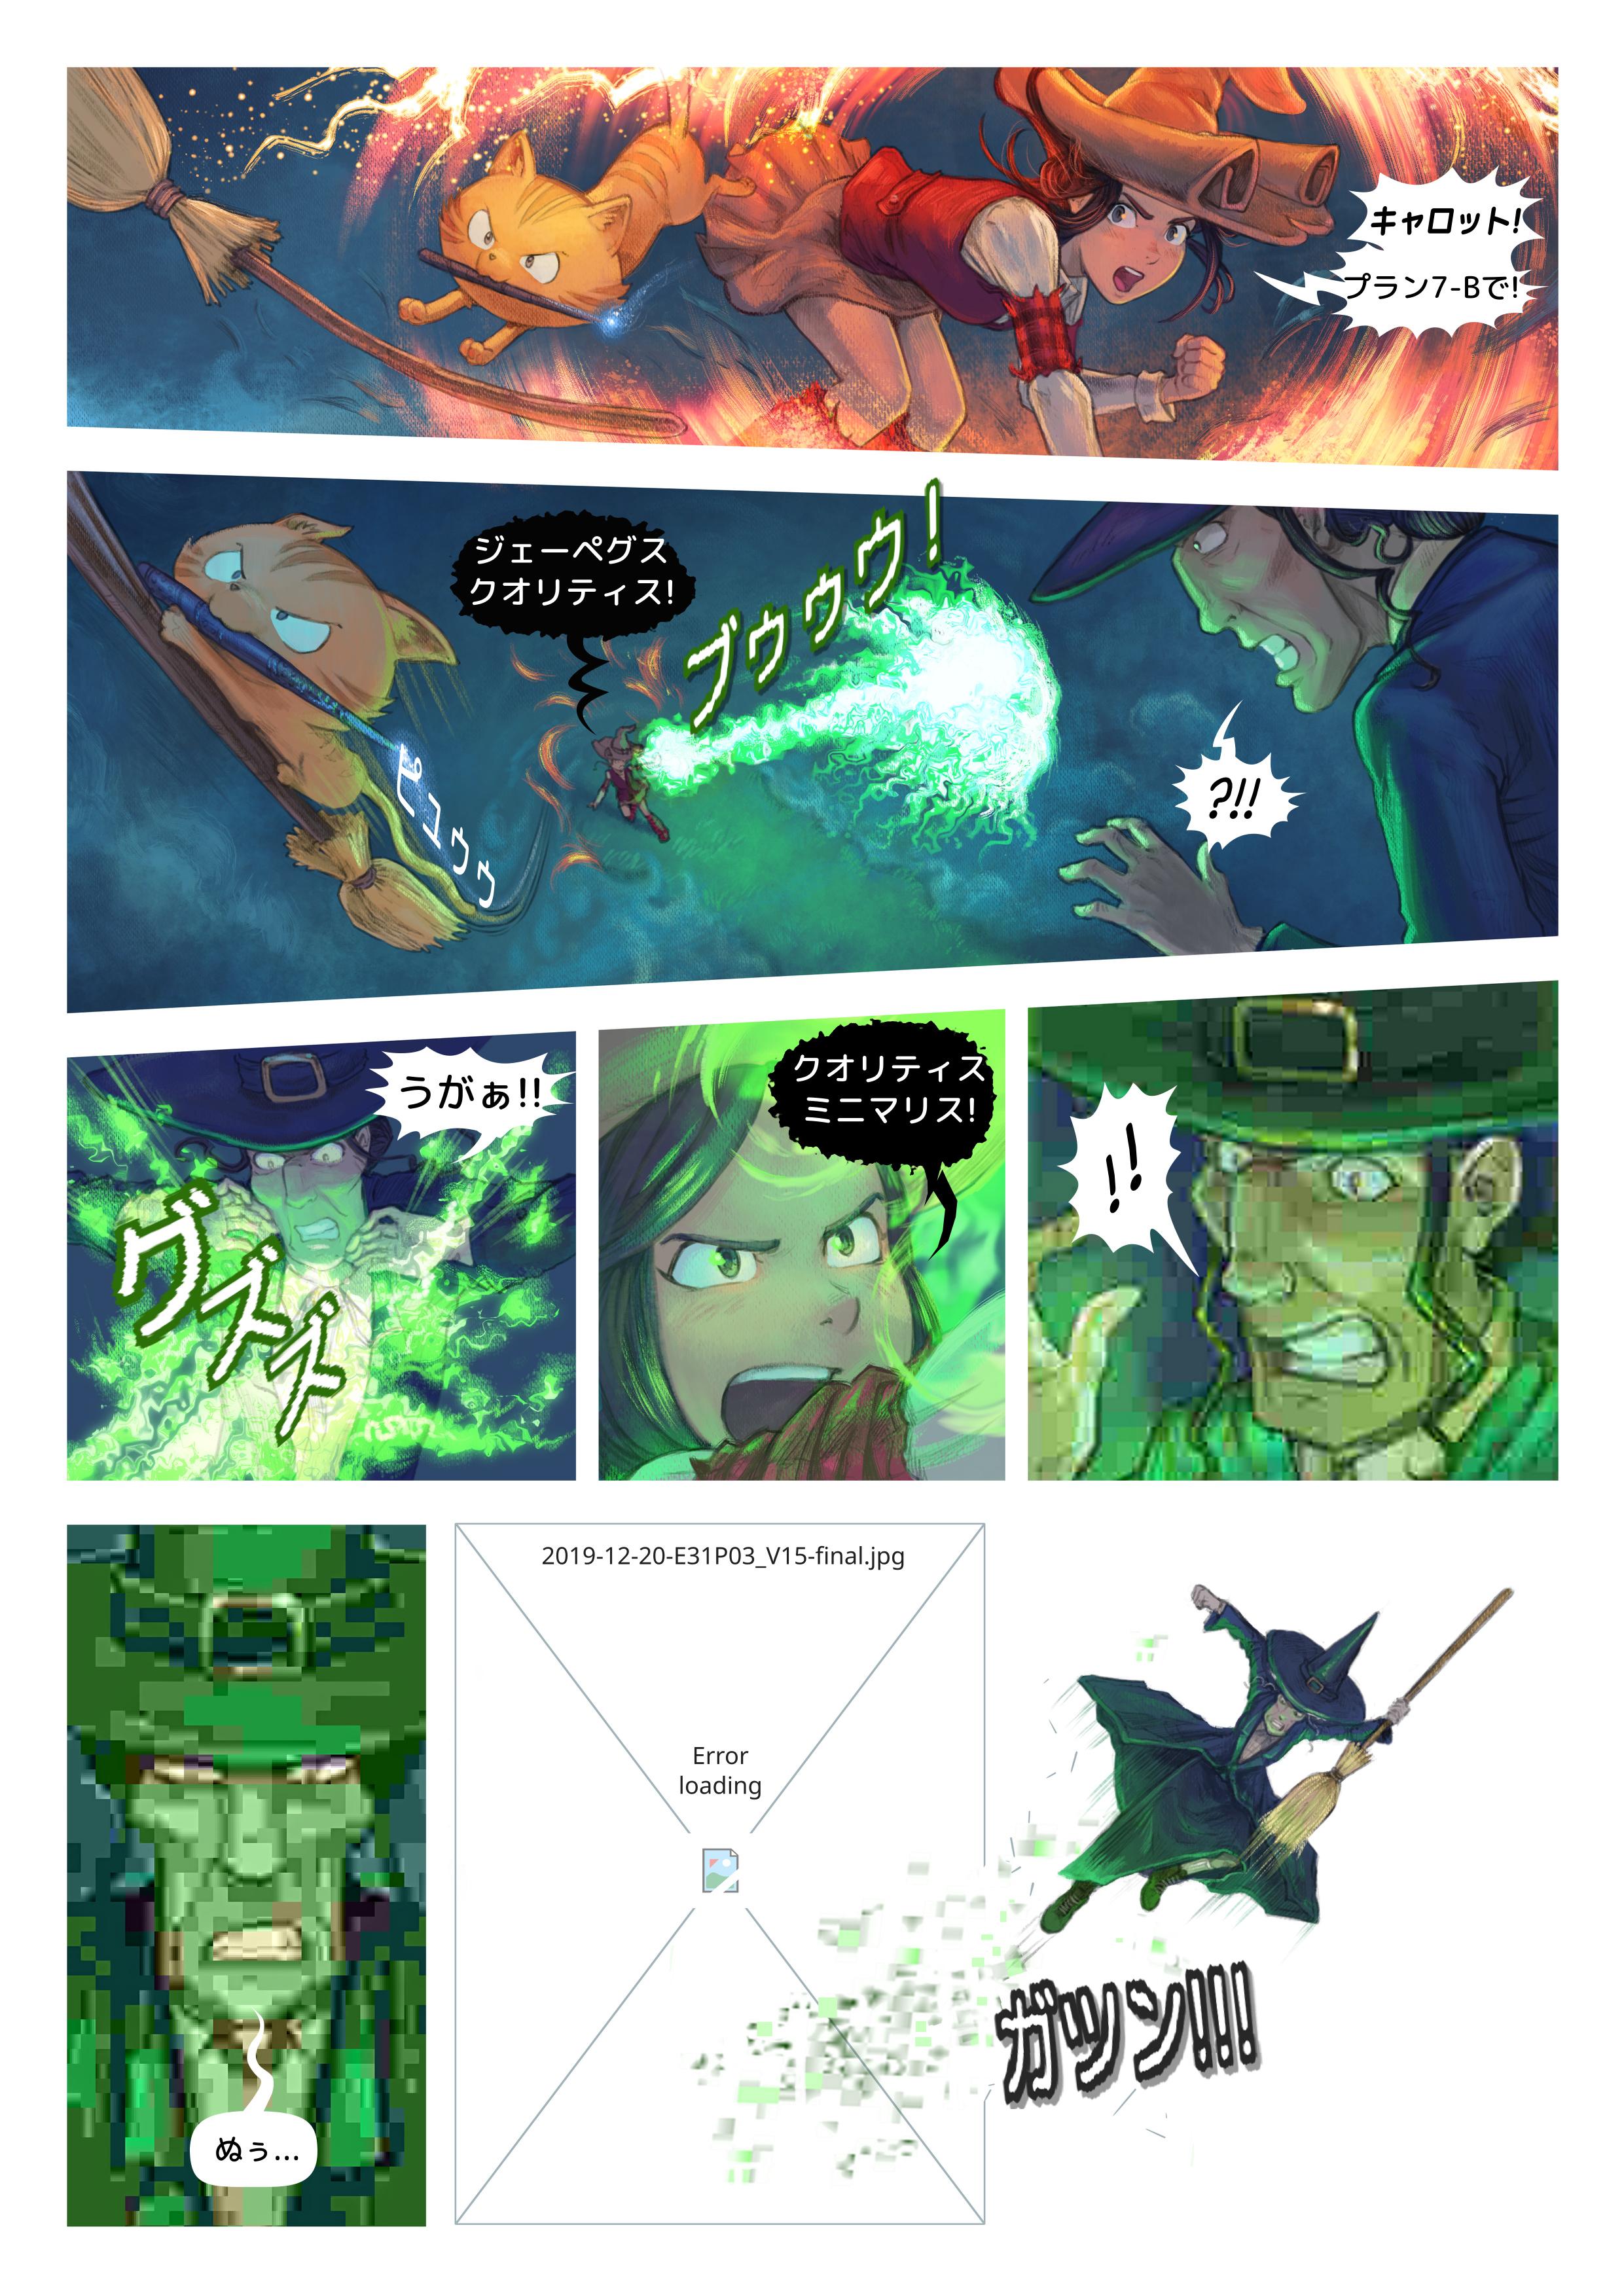 エピソード 31: 決戦, ページ 3